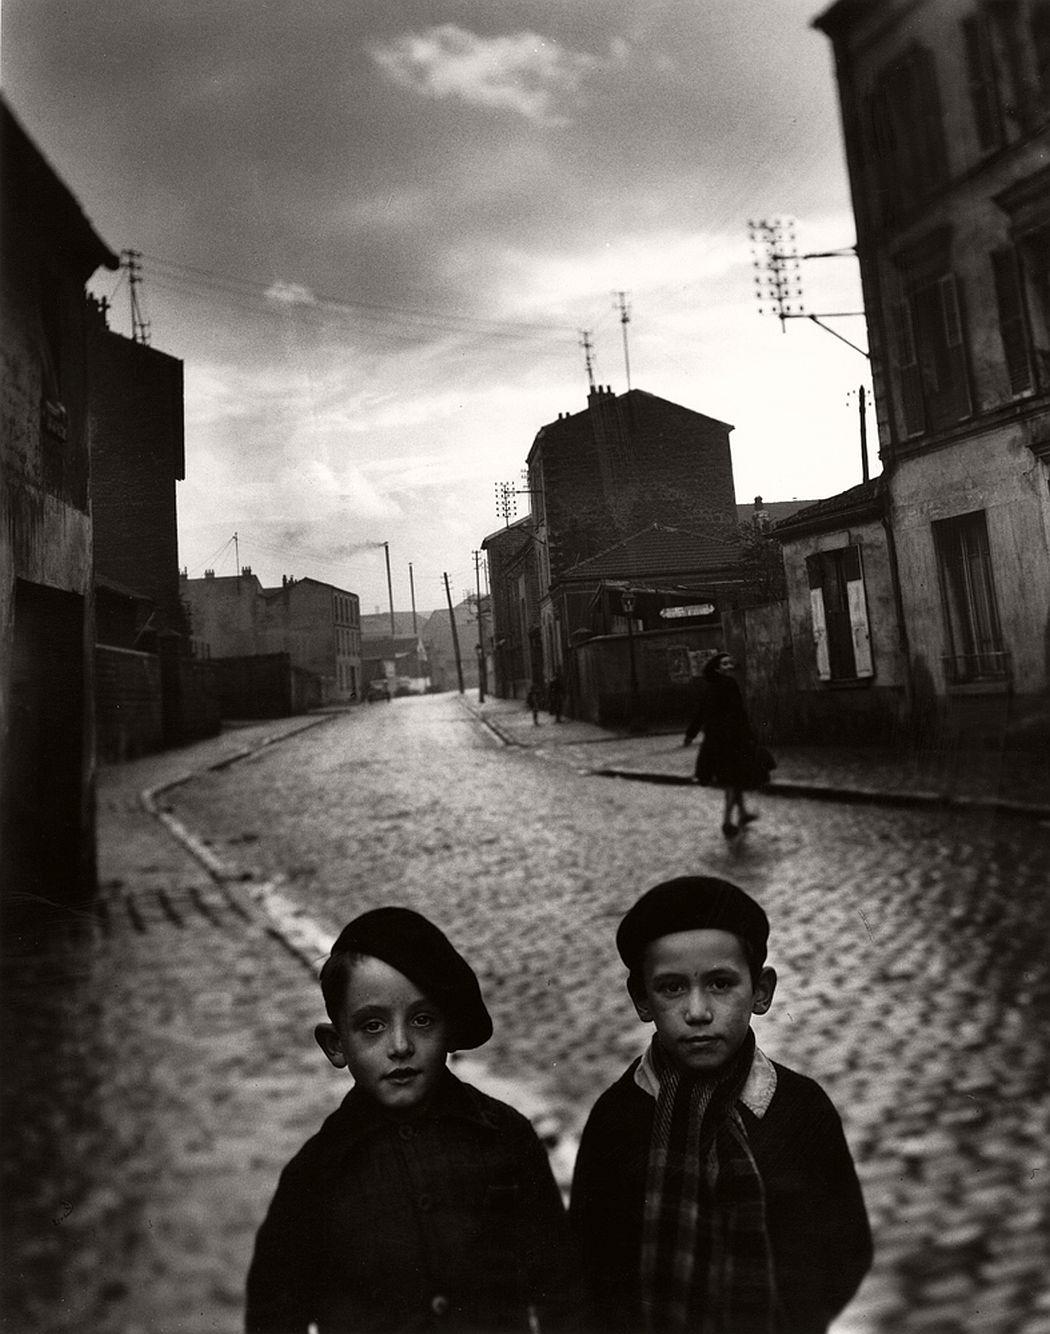 louis-stettner-american-street-photographerr-05